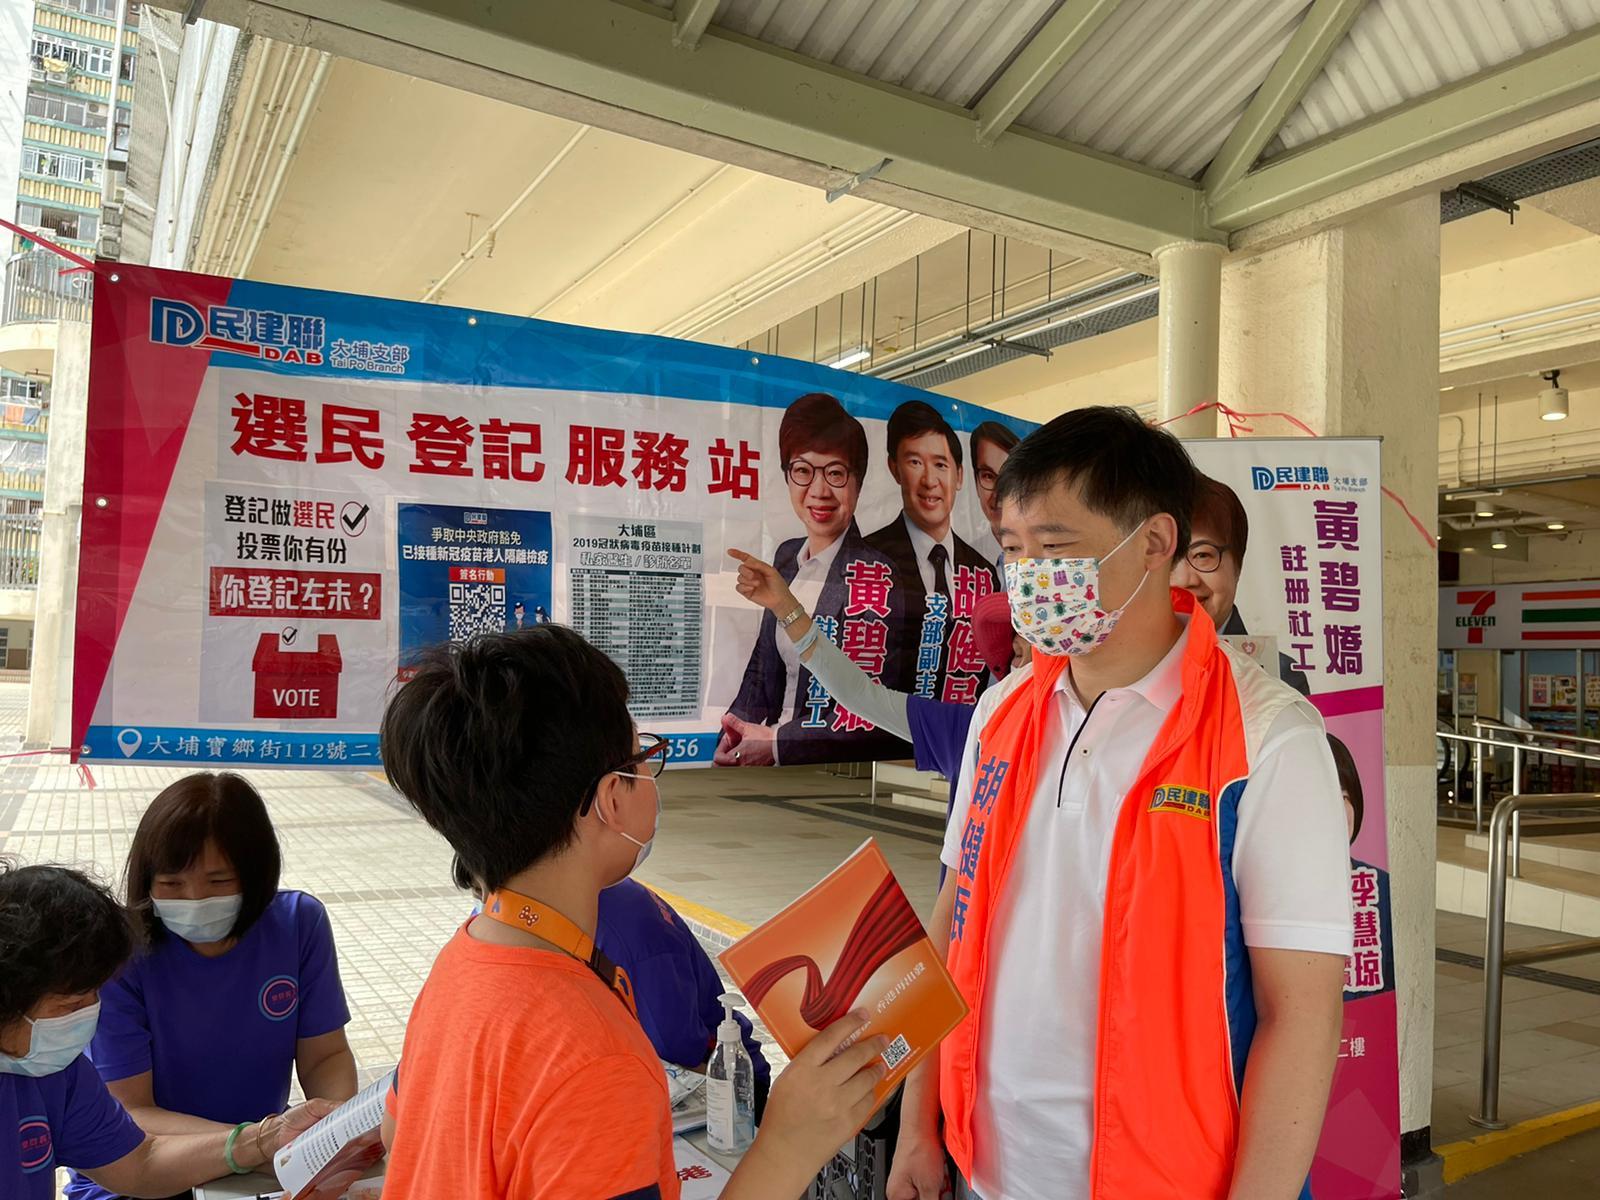 圖為民建聯在大埔擺街站,市民踴躍簽名支持完善選舉制度。(大公文匯全媒體記者 李九歌 攝)